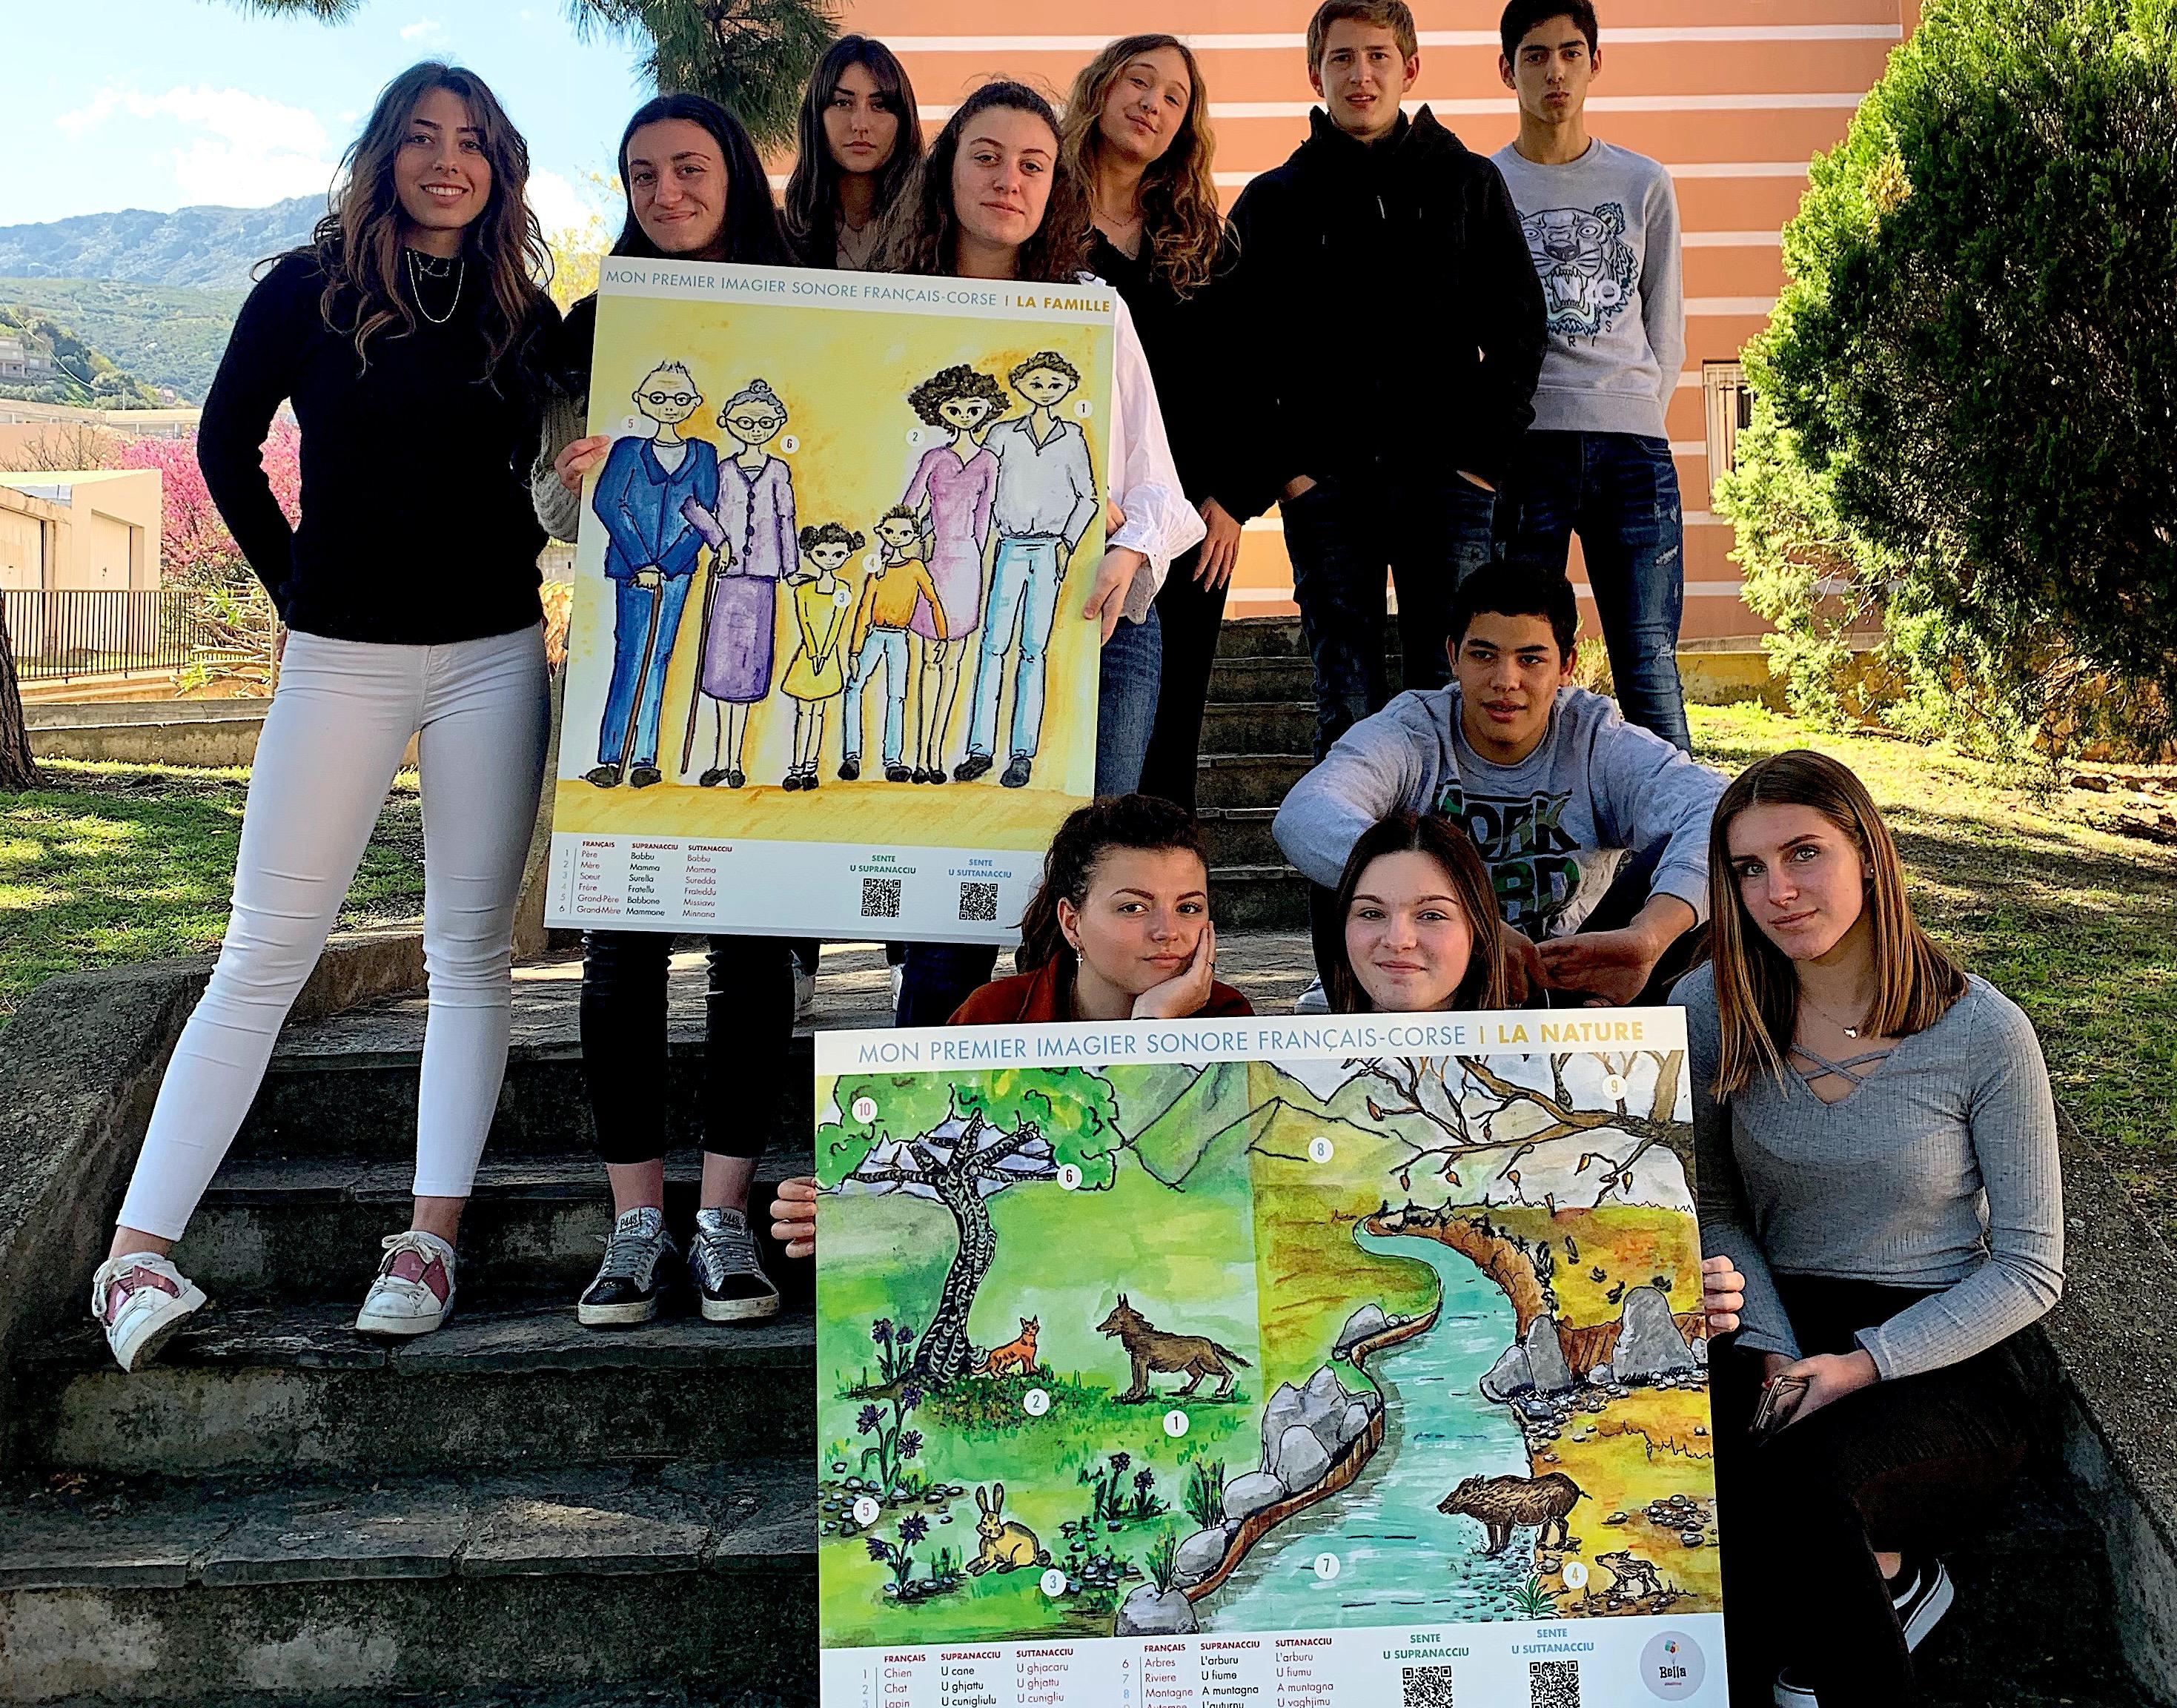 Bastia : Un projet innovant au service de la langue corse au Lycée Giocante de Casabianca